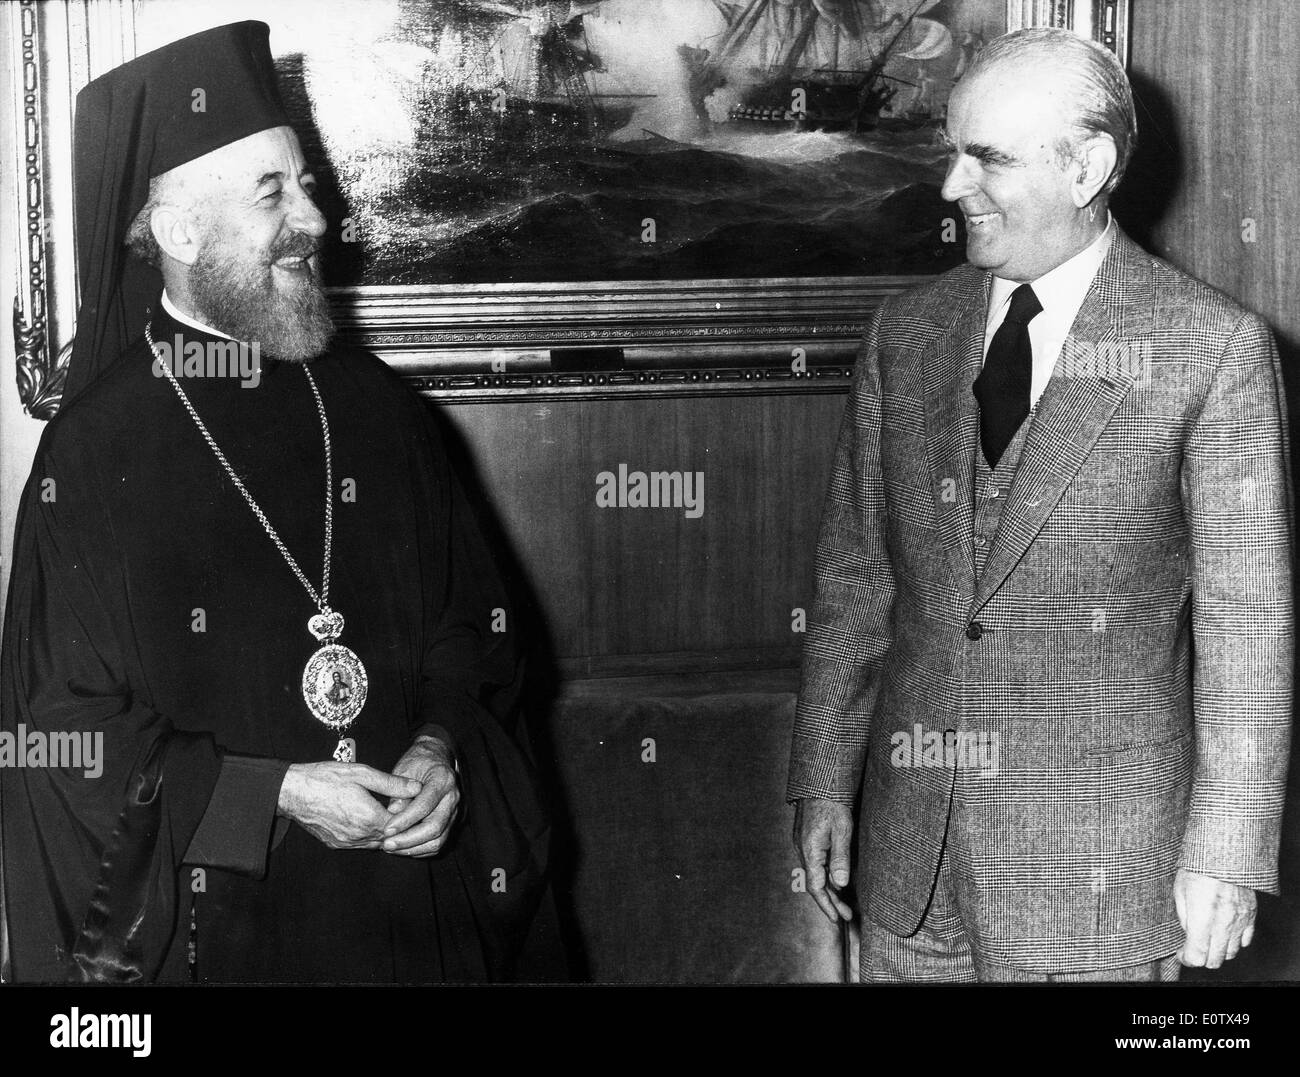 Archbishop Makarios III visits Konstantinos Karamanlis - Stock Image